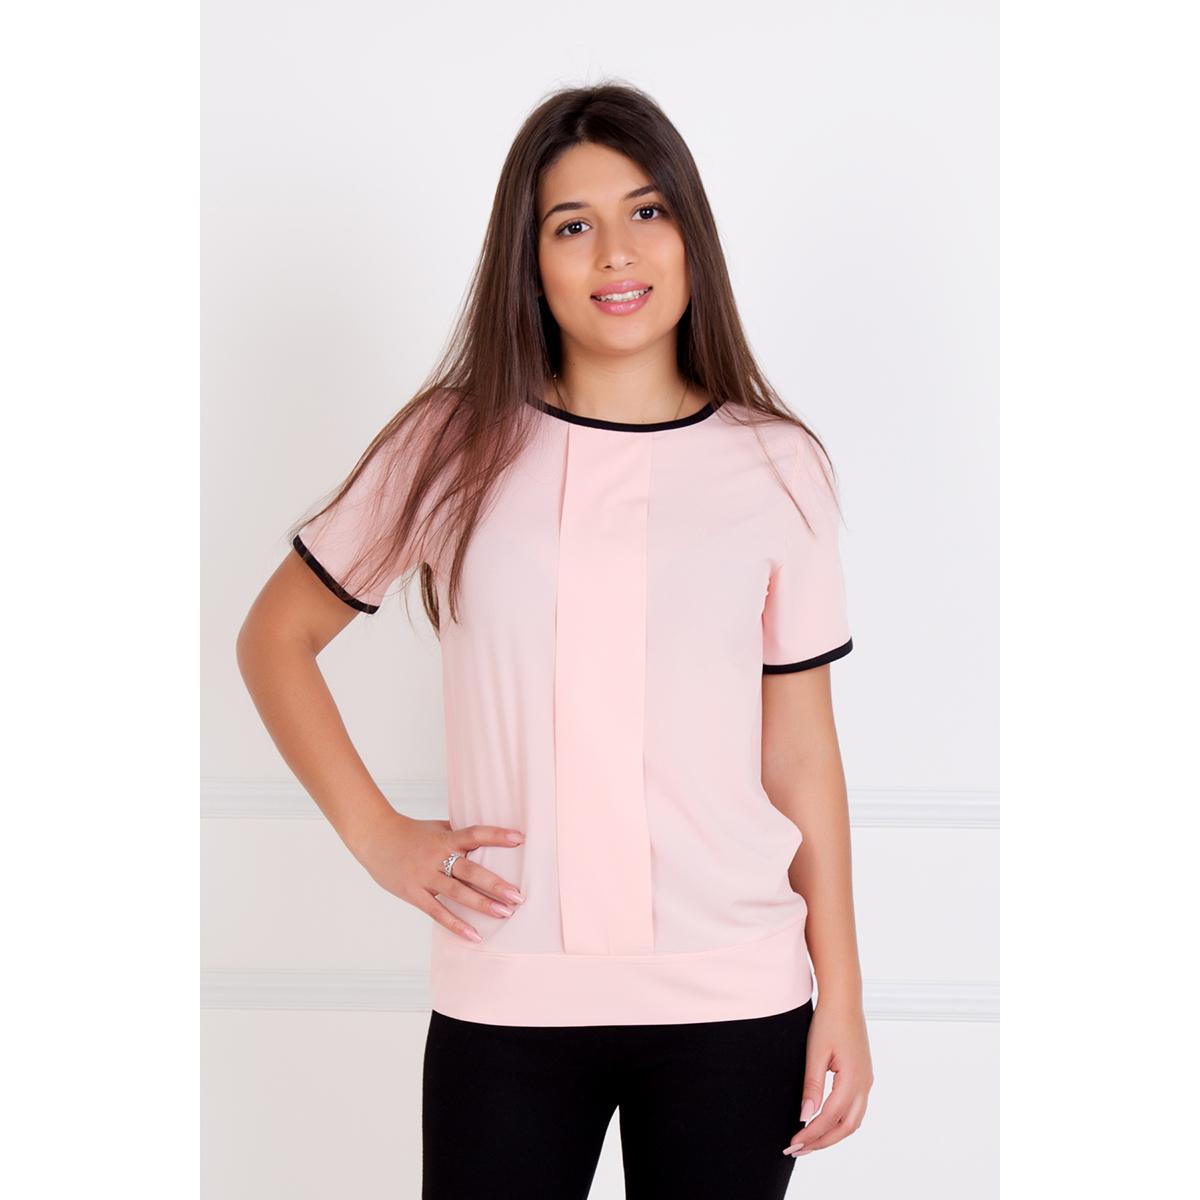 Женская блуза Кира Персиковый, размер 50Блузки, майки, кофты<br>Обхват груди:100 см<br>Обхват талии:82 см<br>Обхват бедер:108 см<br>Рост:167 см<br><br>Тип: Жен. блуза<br>Размер: 50<br>Материал: Креп